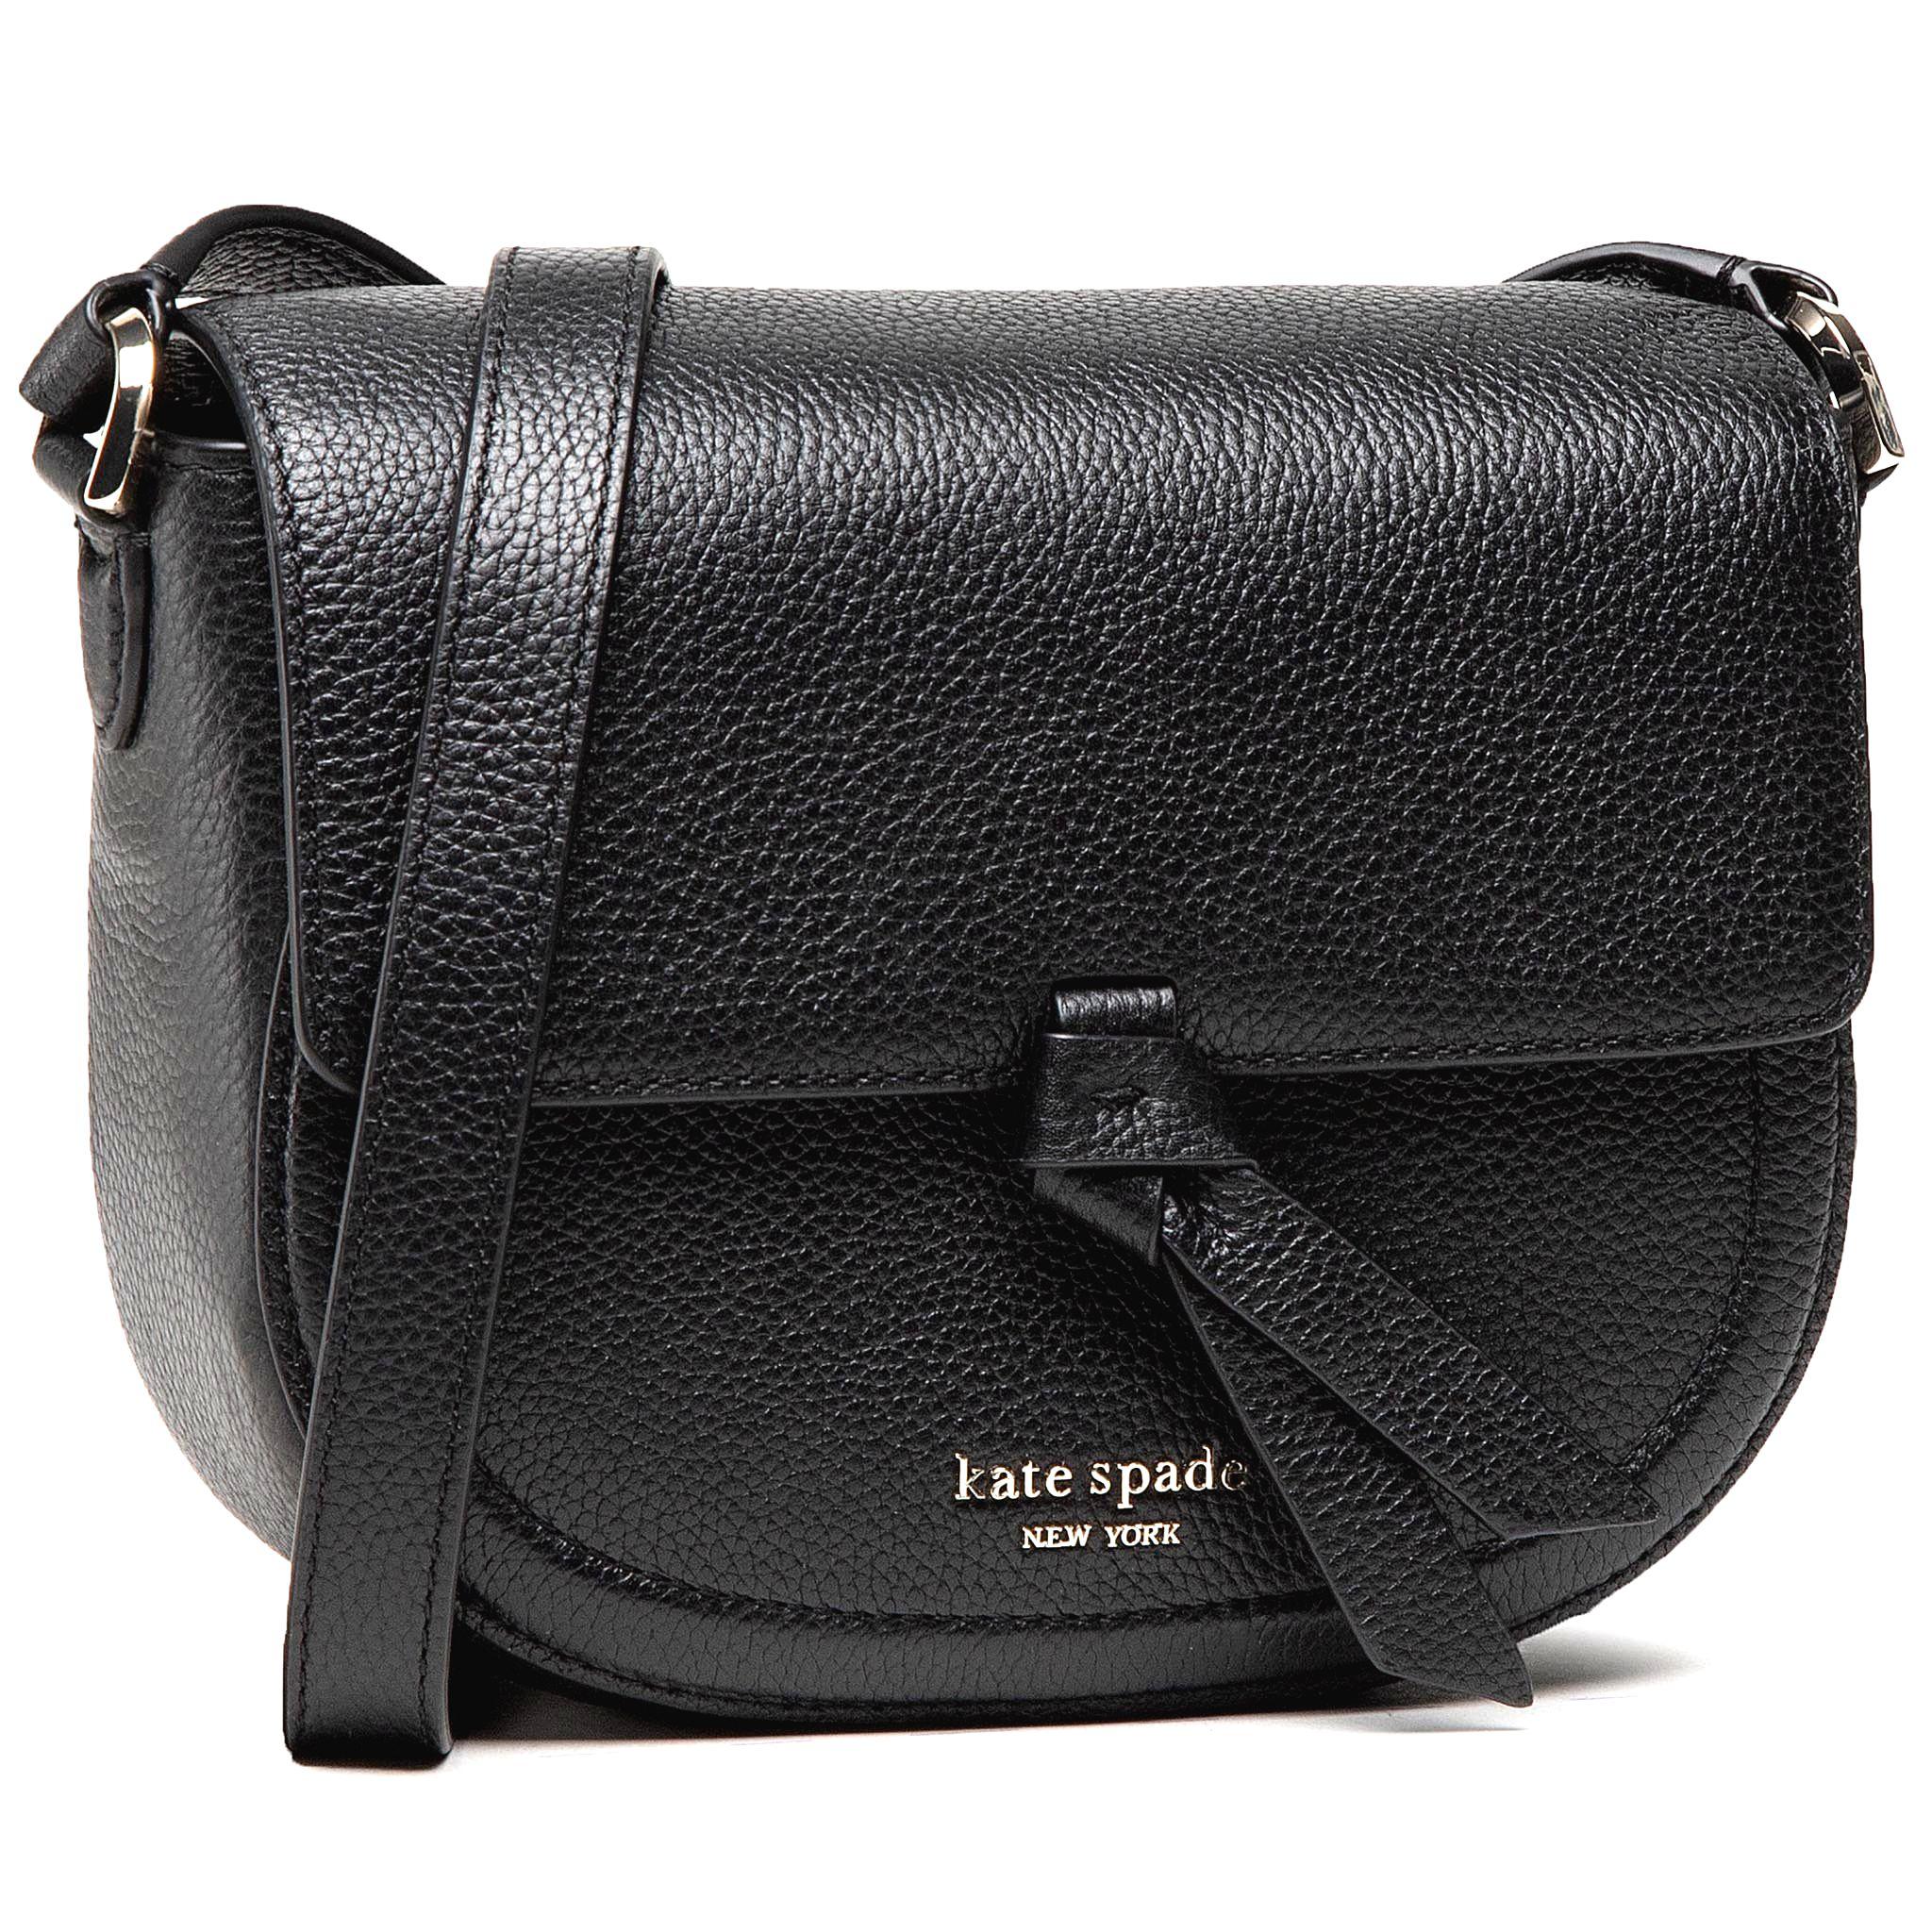 Kabelka KATE SPADE - Md Saddle Bag PXR00507 Black 001